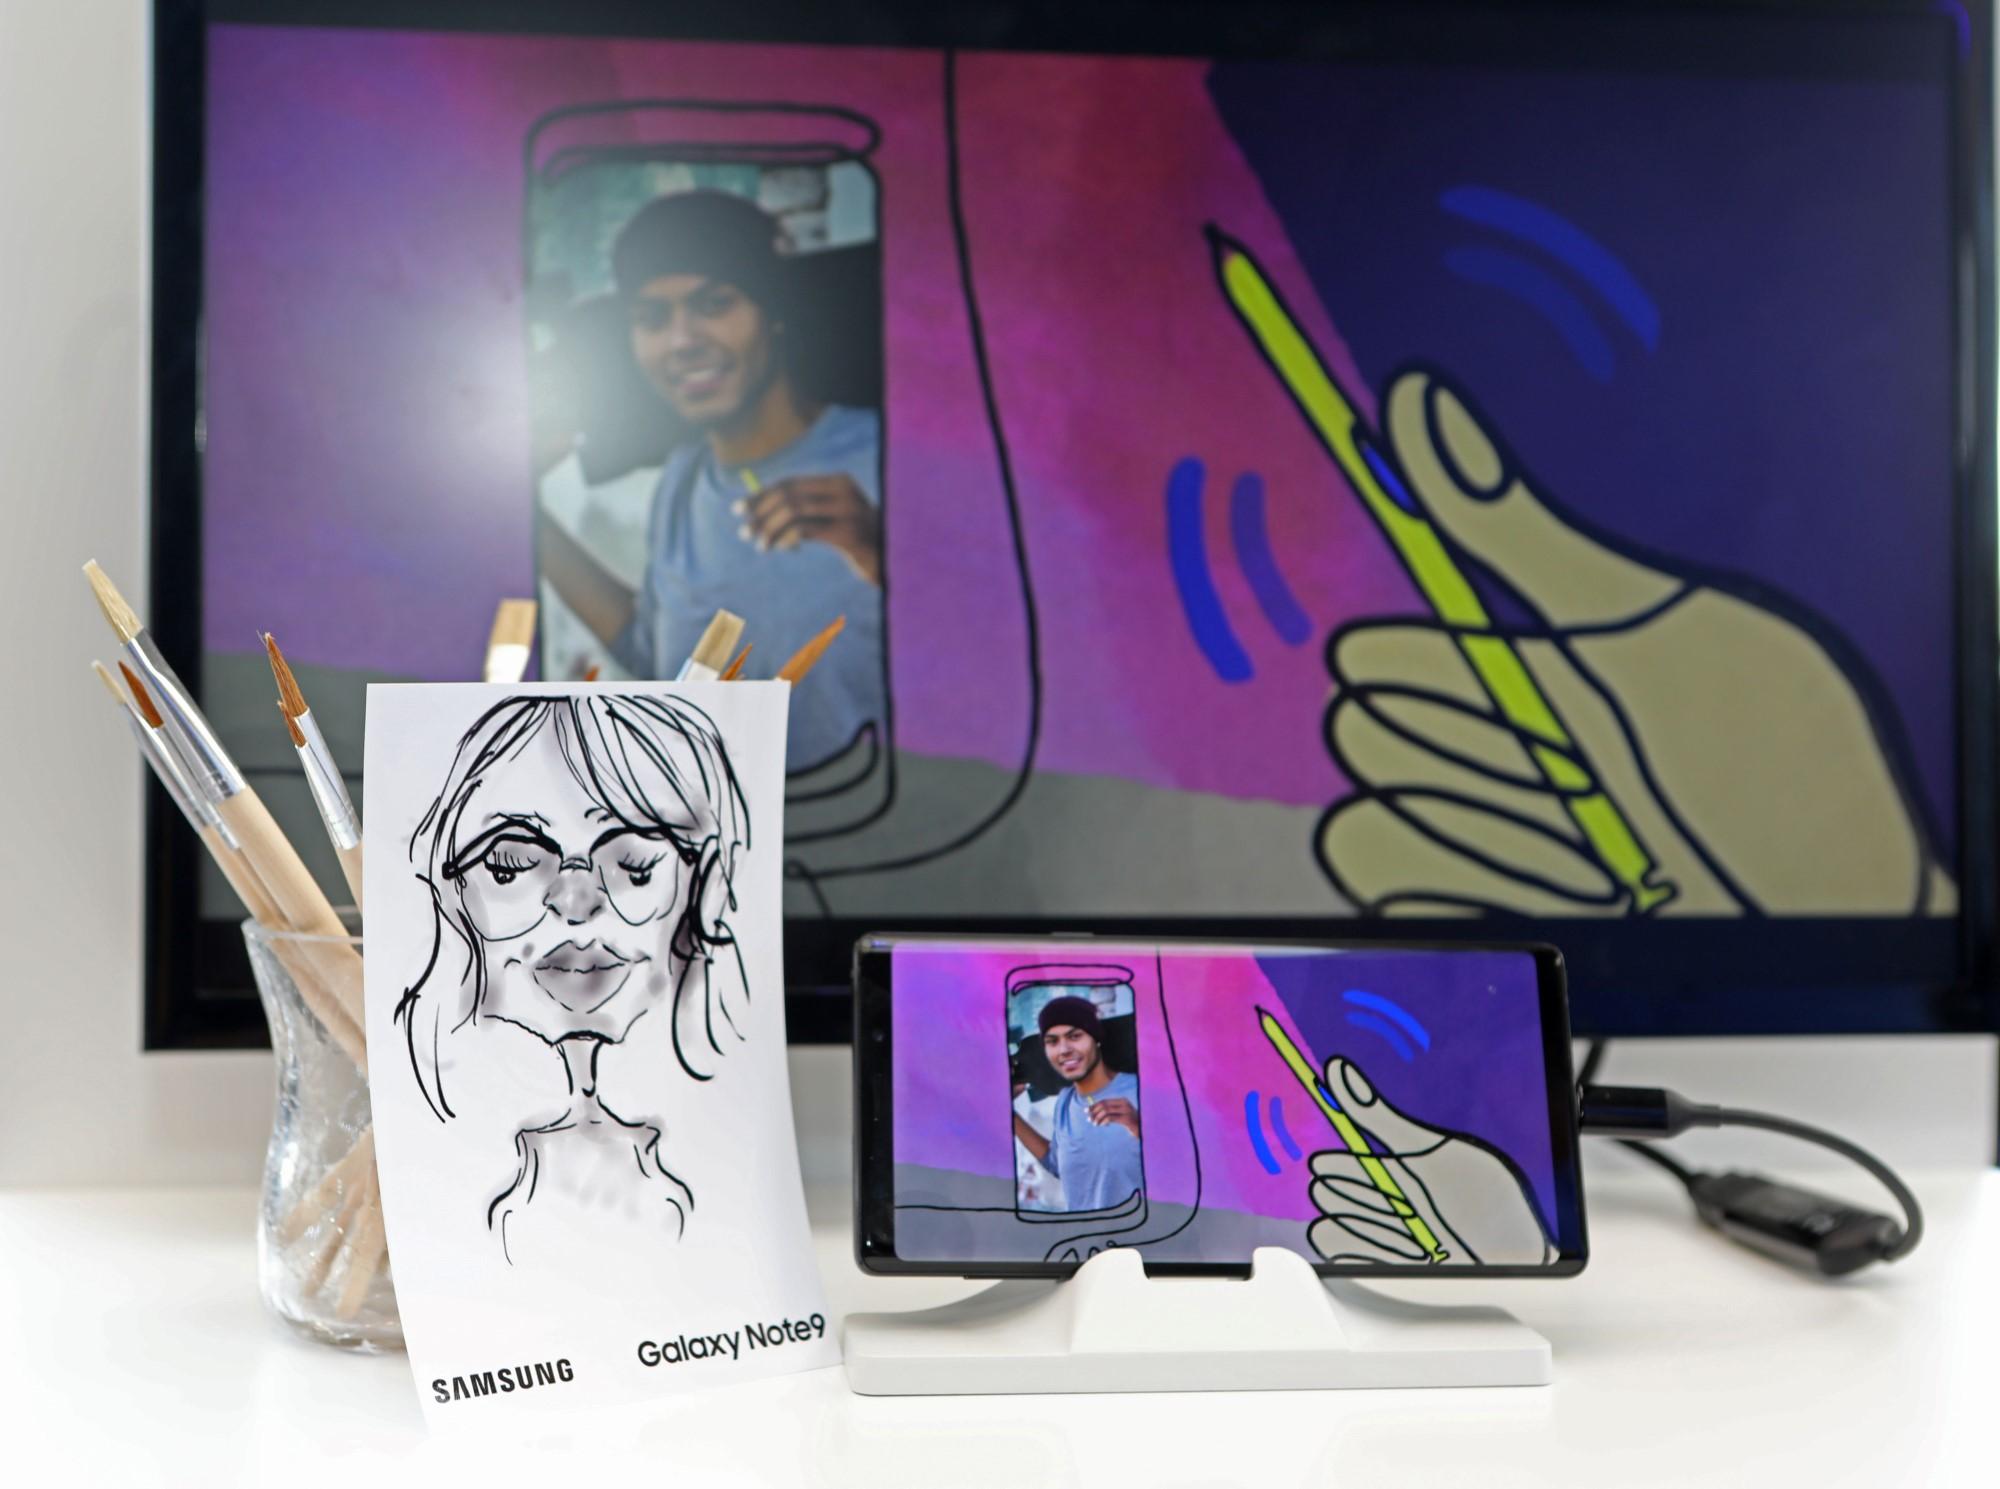 Најновиот, супер моќен член на Галакси семејството -Galaxy Note9 претставен во Македонија